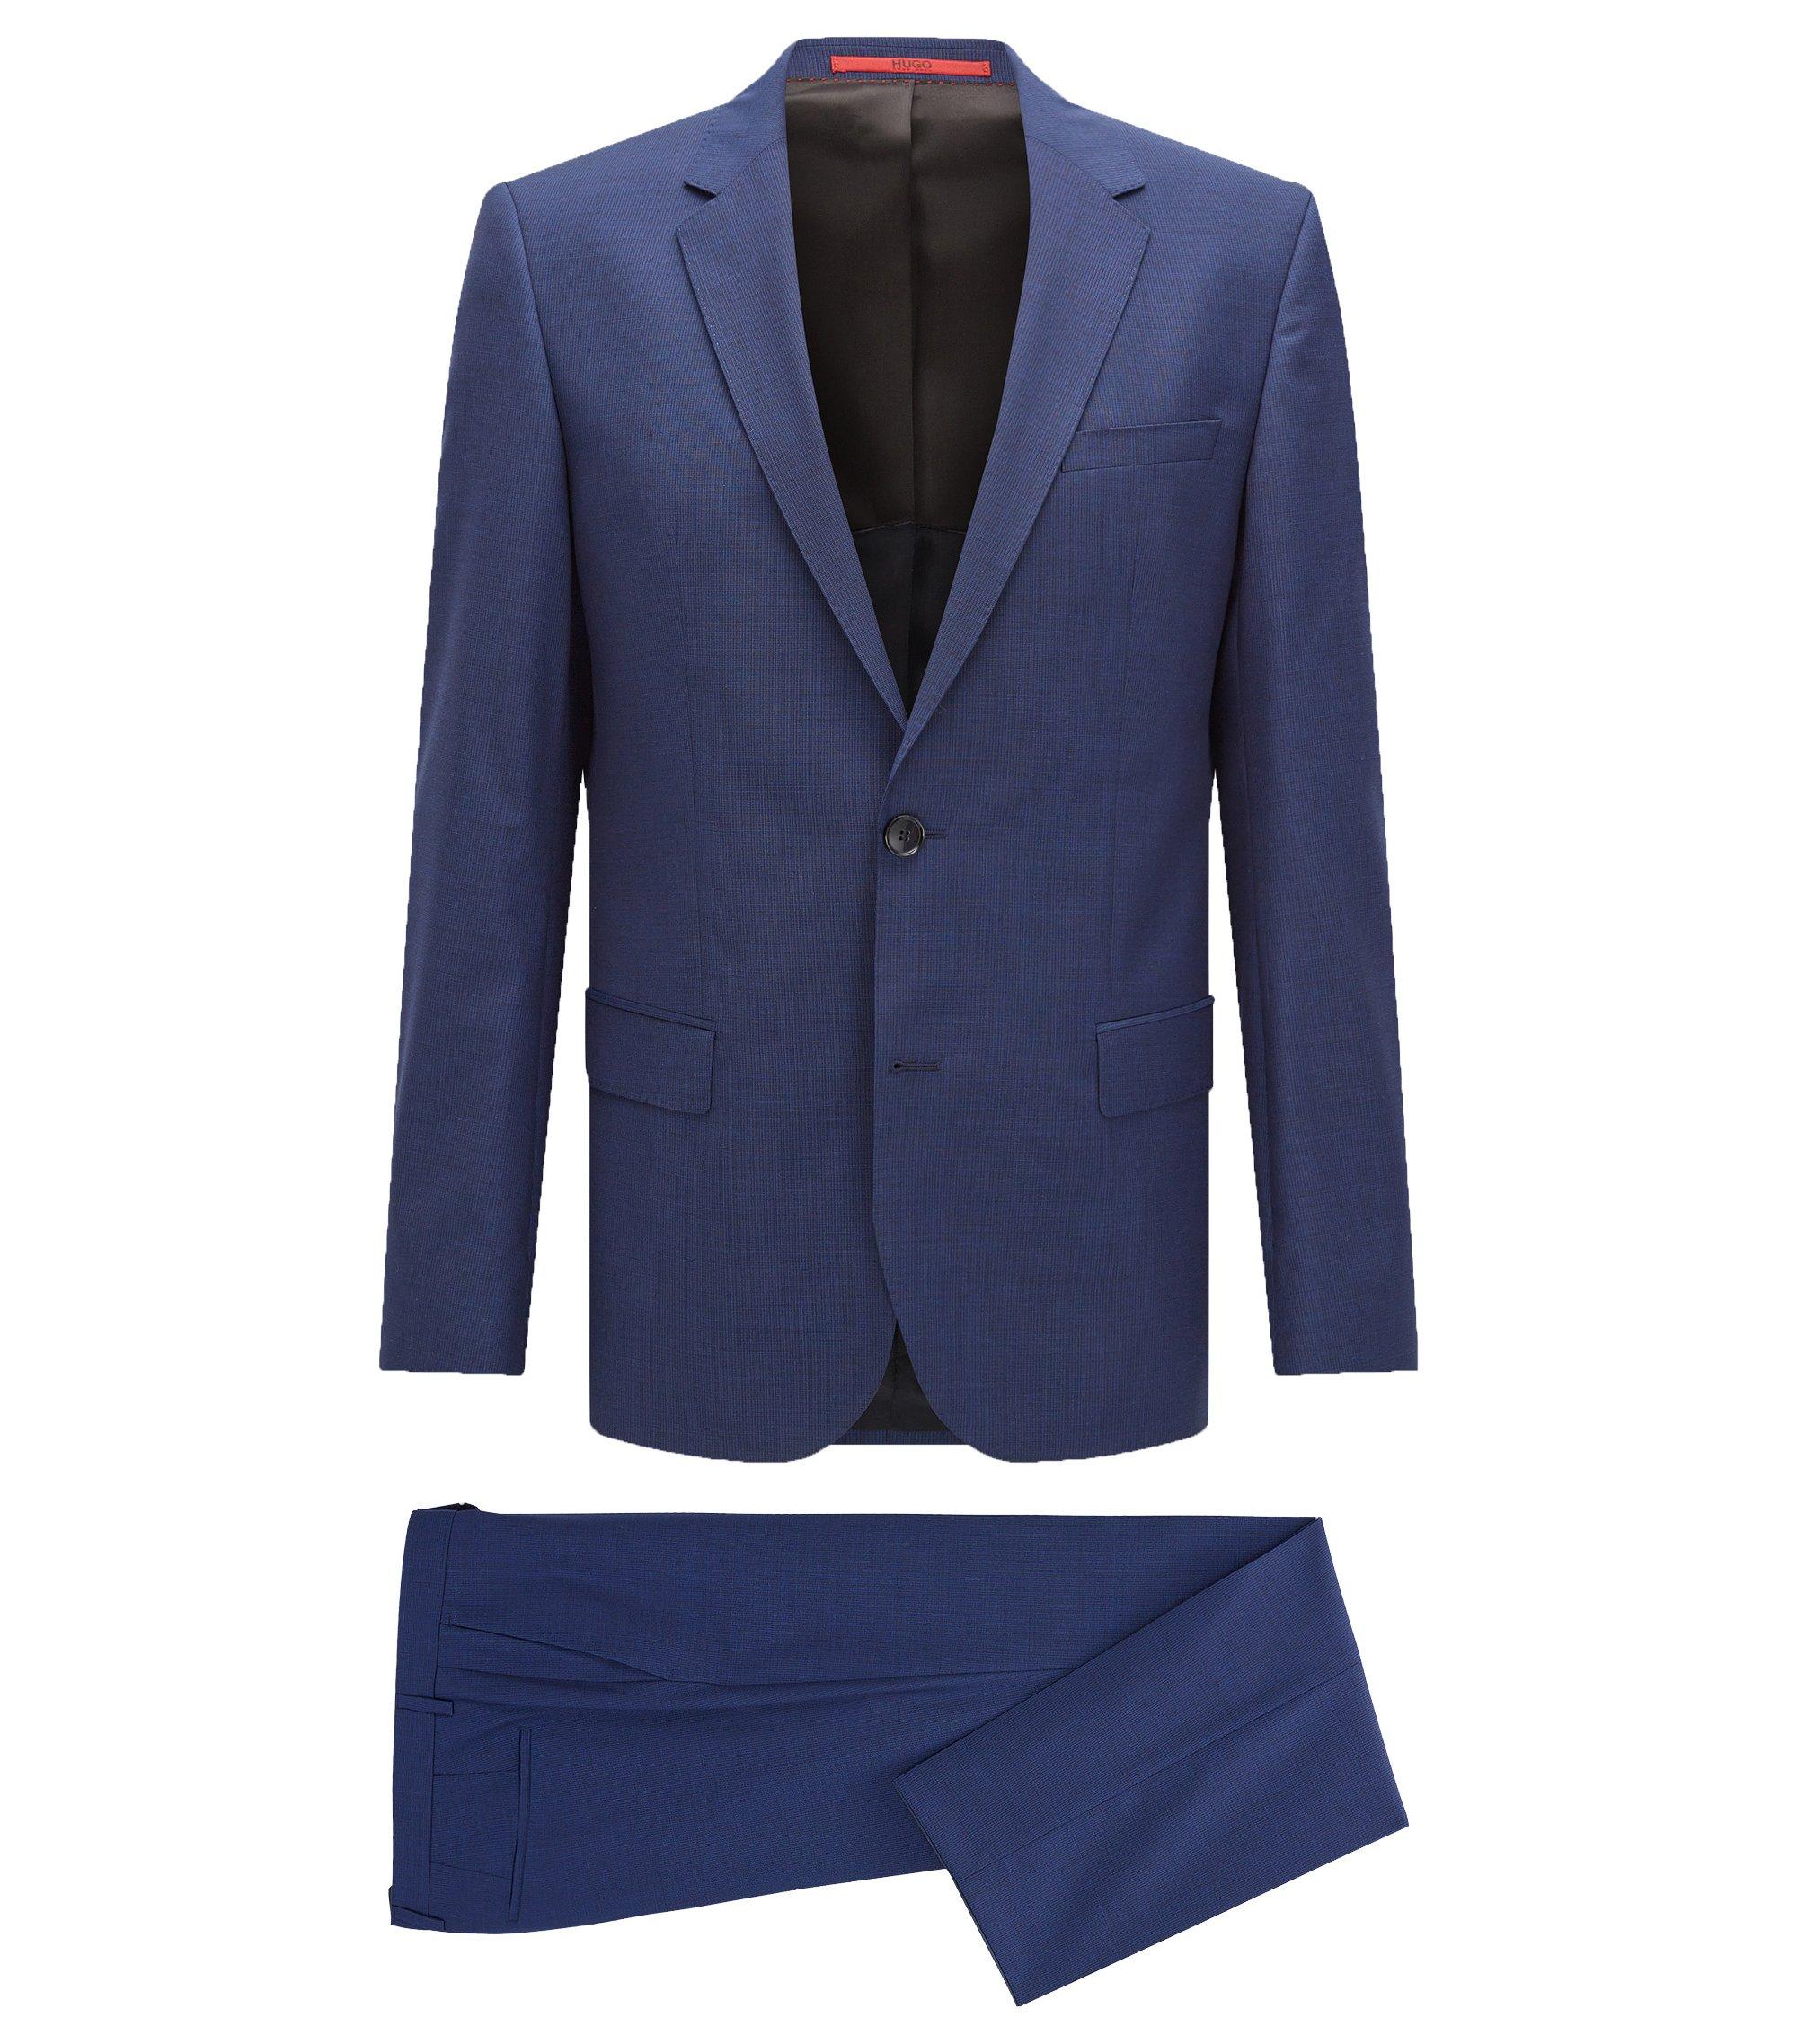 Nailhead Italian Wool Suit, Slim Fit | C-Huge/C-Genius, Open Blue